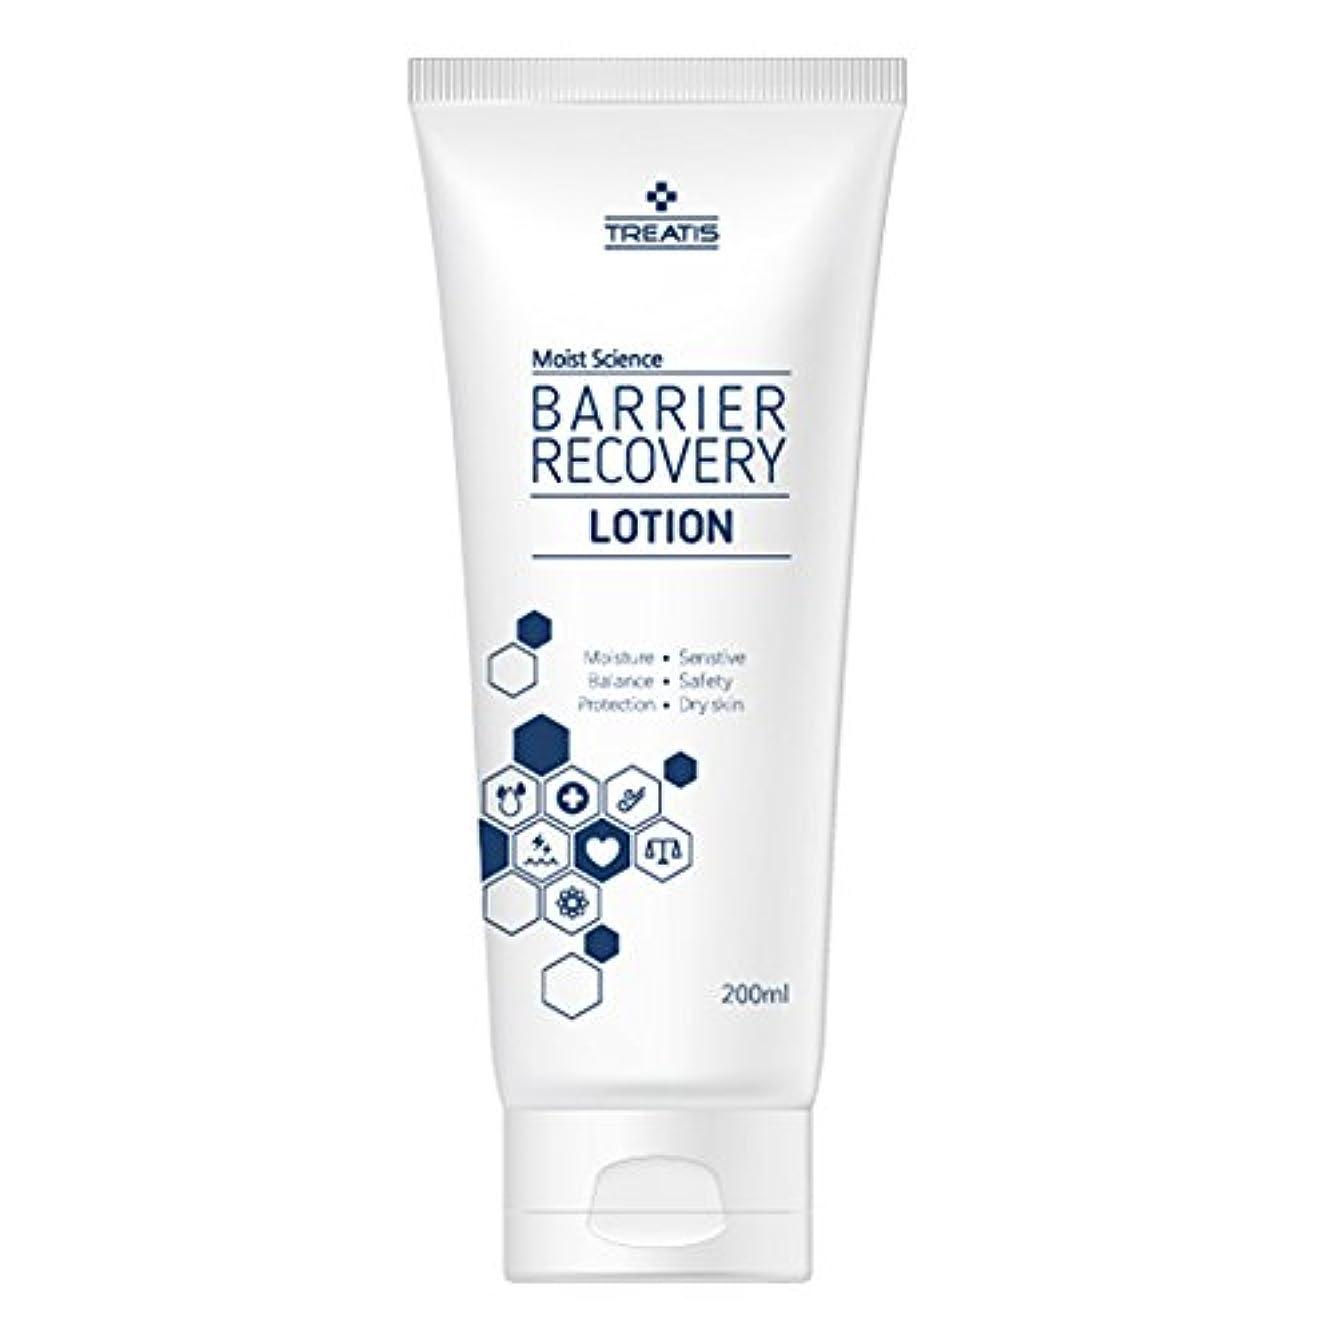 ステージ抗生物質物思いにふけるTreatis barrier recovery lotion 7oz (200ml)/Moisture, Senstive, Balance, Safty, Protection, Dry skin [並行輸入品]